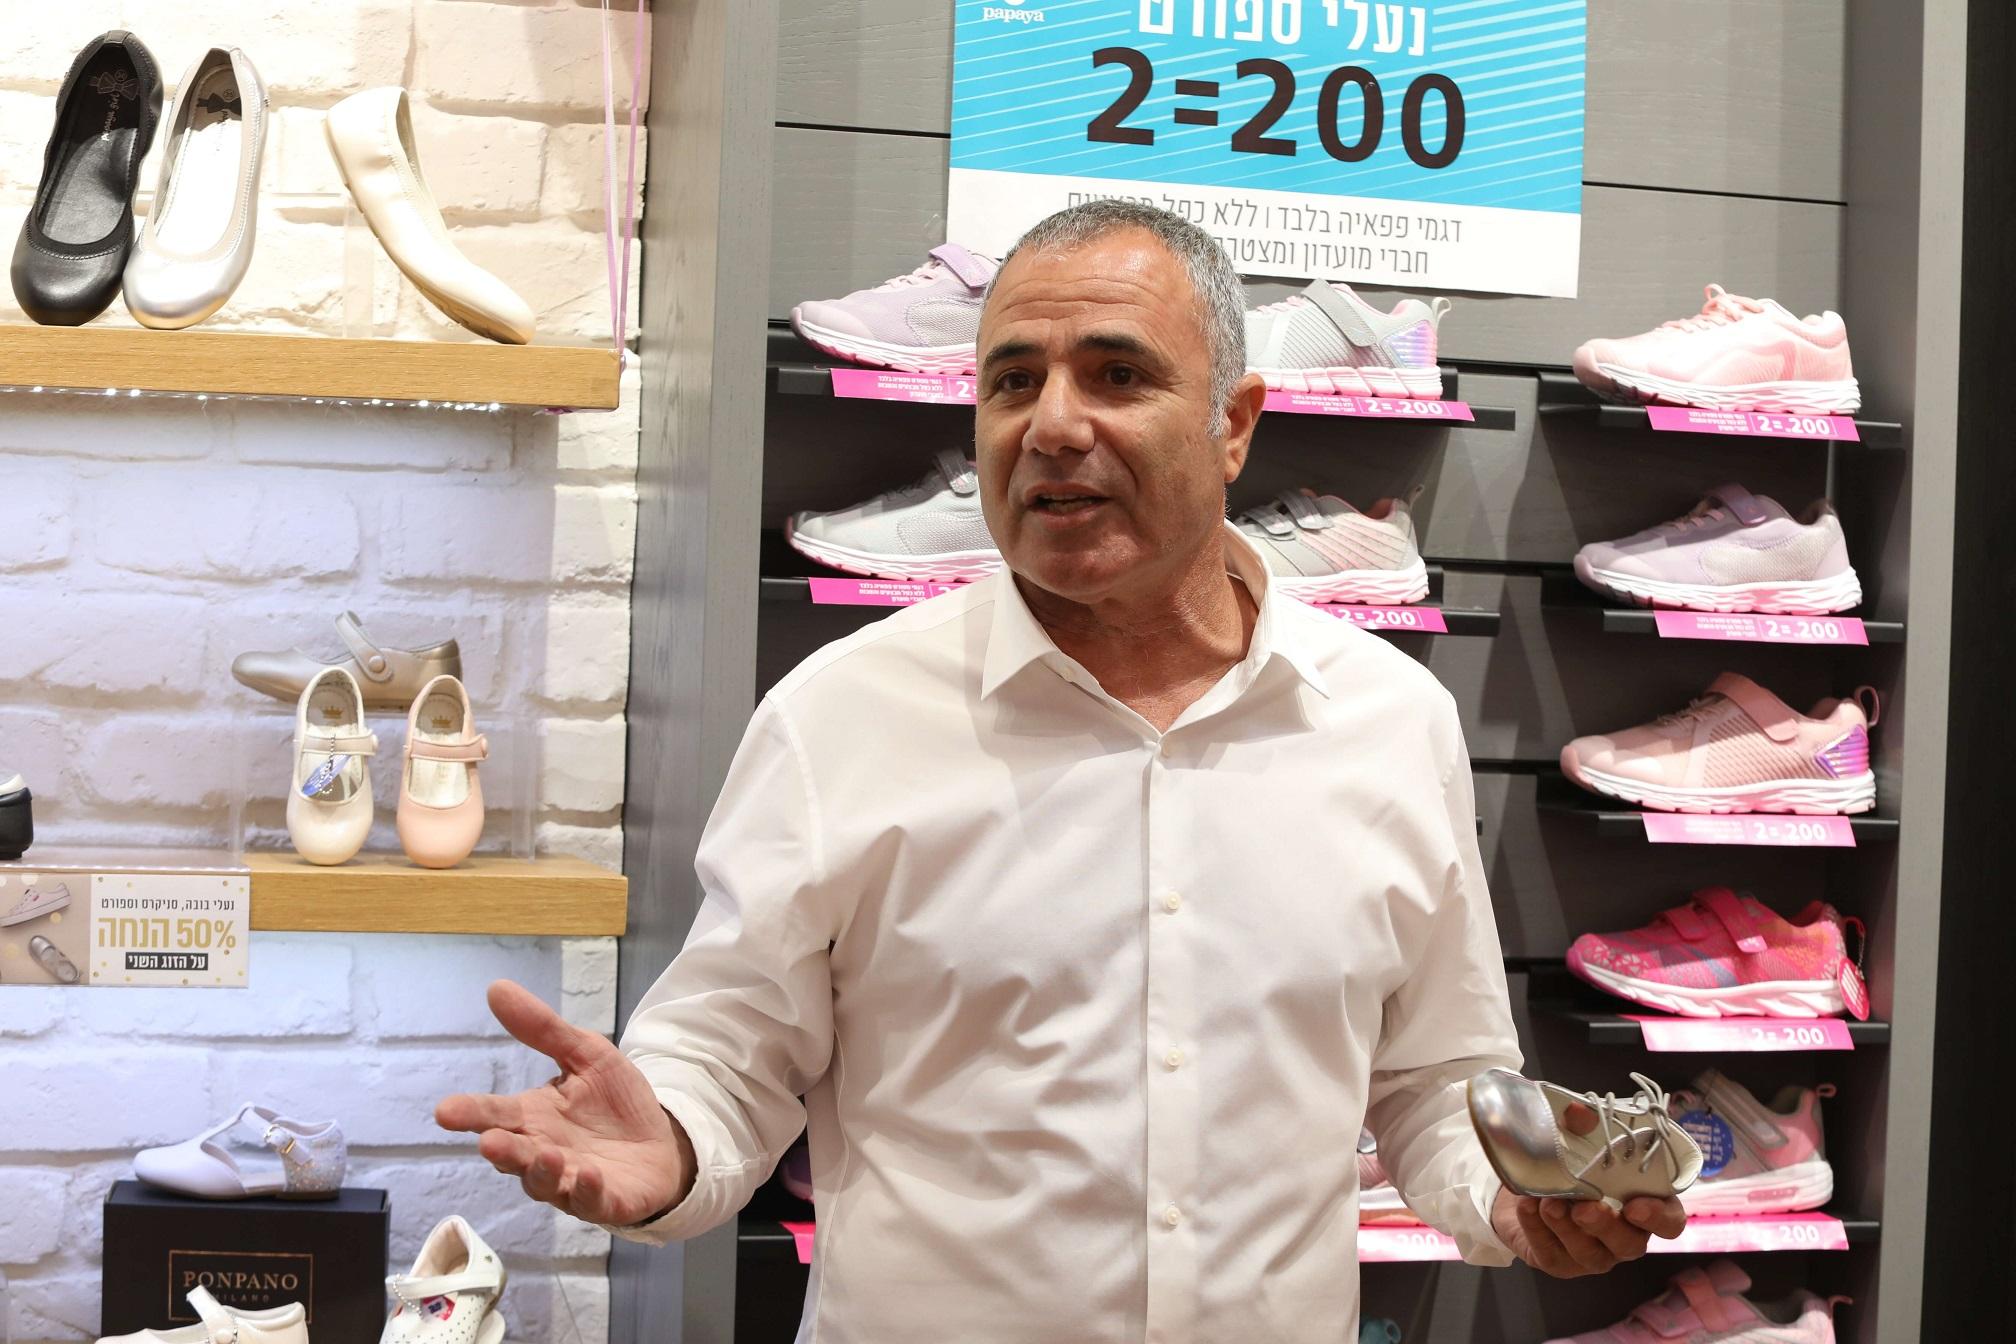 תקציב חדש למילר פוינט: מותג נעלי הילדים 'פפאיה' 9